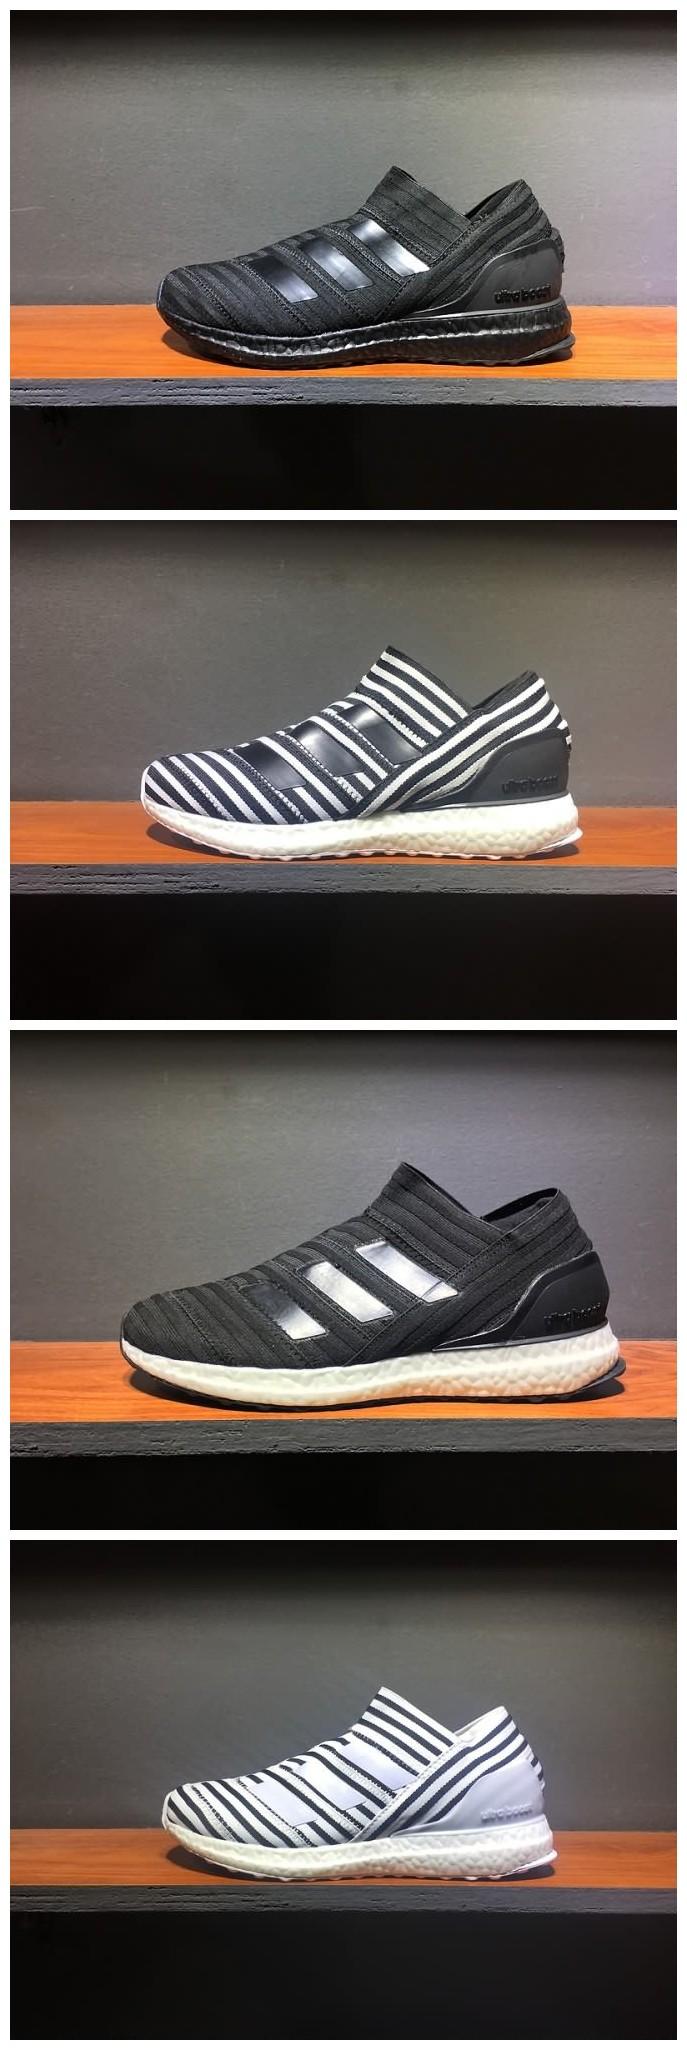 Adidas unisex nemeziz 17   Tango 360 agilidad TR unisex Adidas tamaño ultra impulso para a2e713